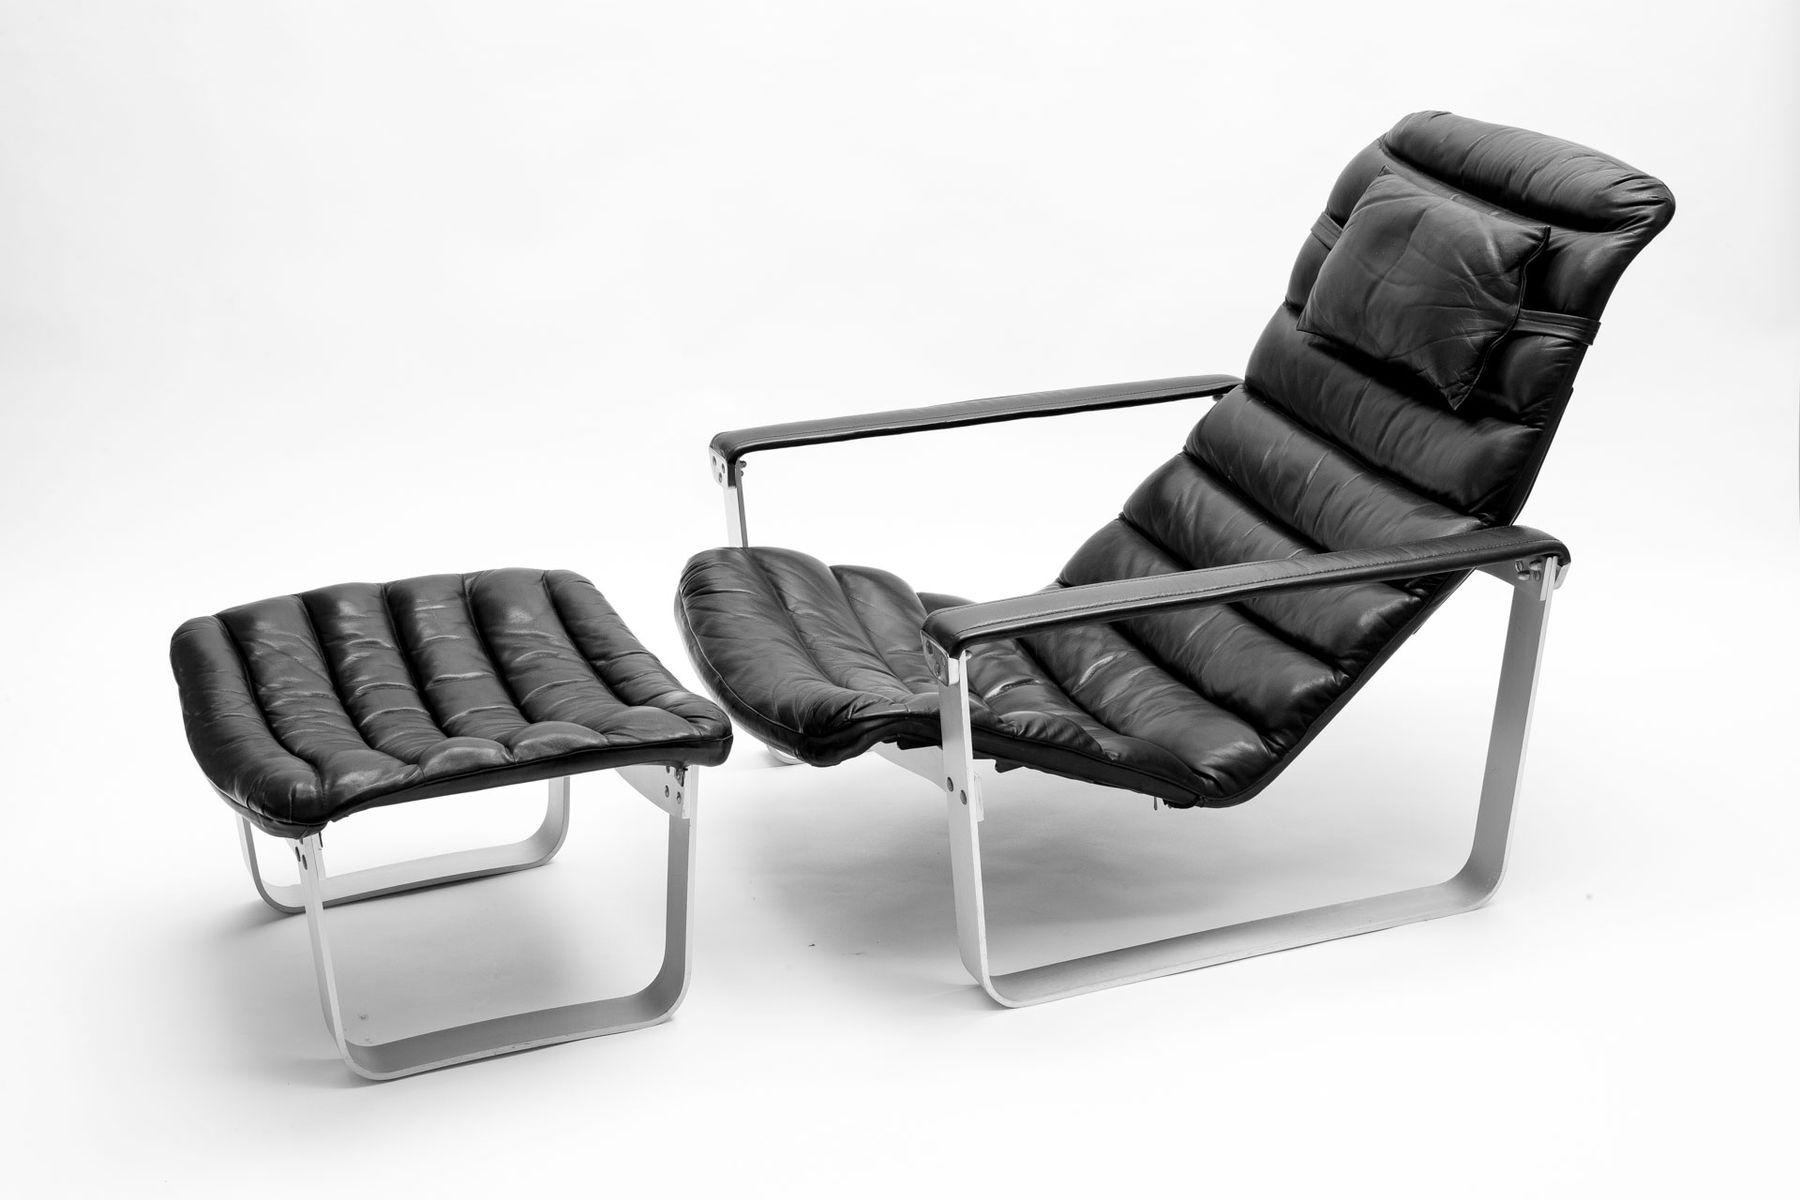 Finnish Pulkka Lounge Chair with Foot Stool by Ilmari Lappalainen